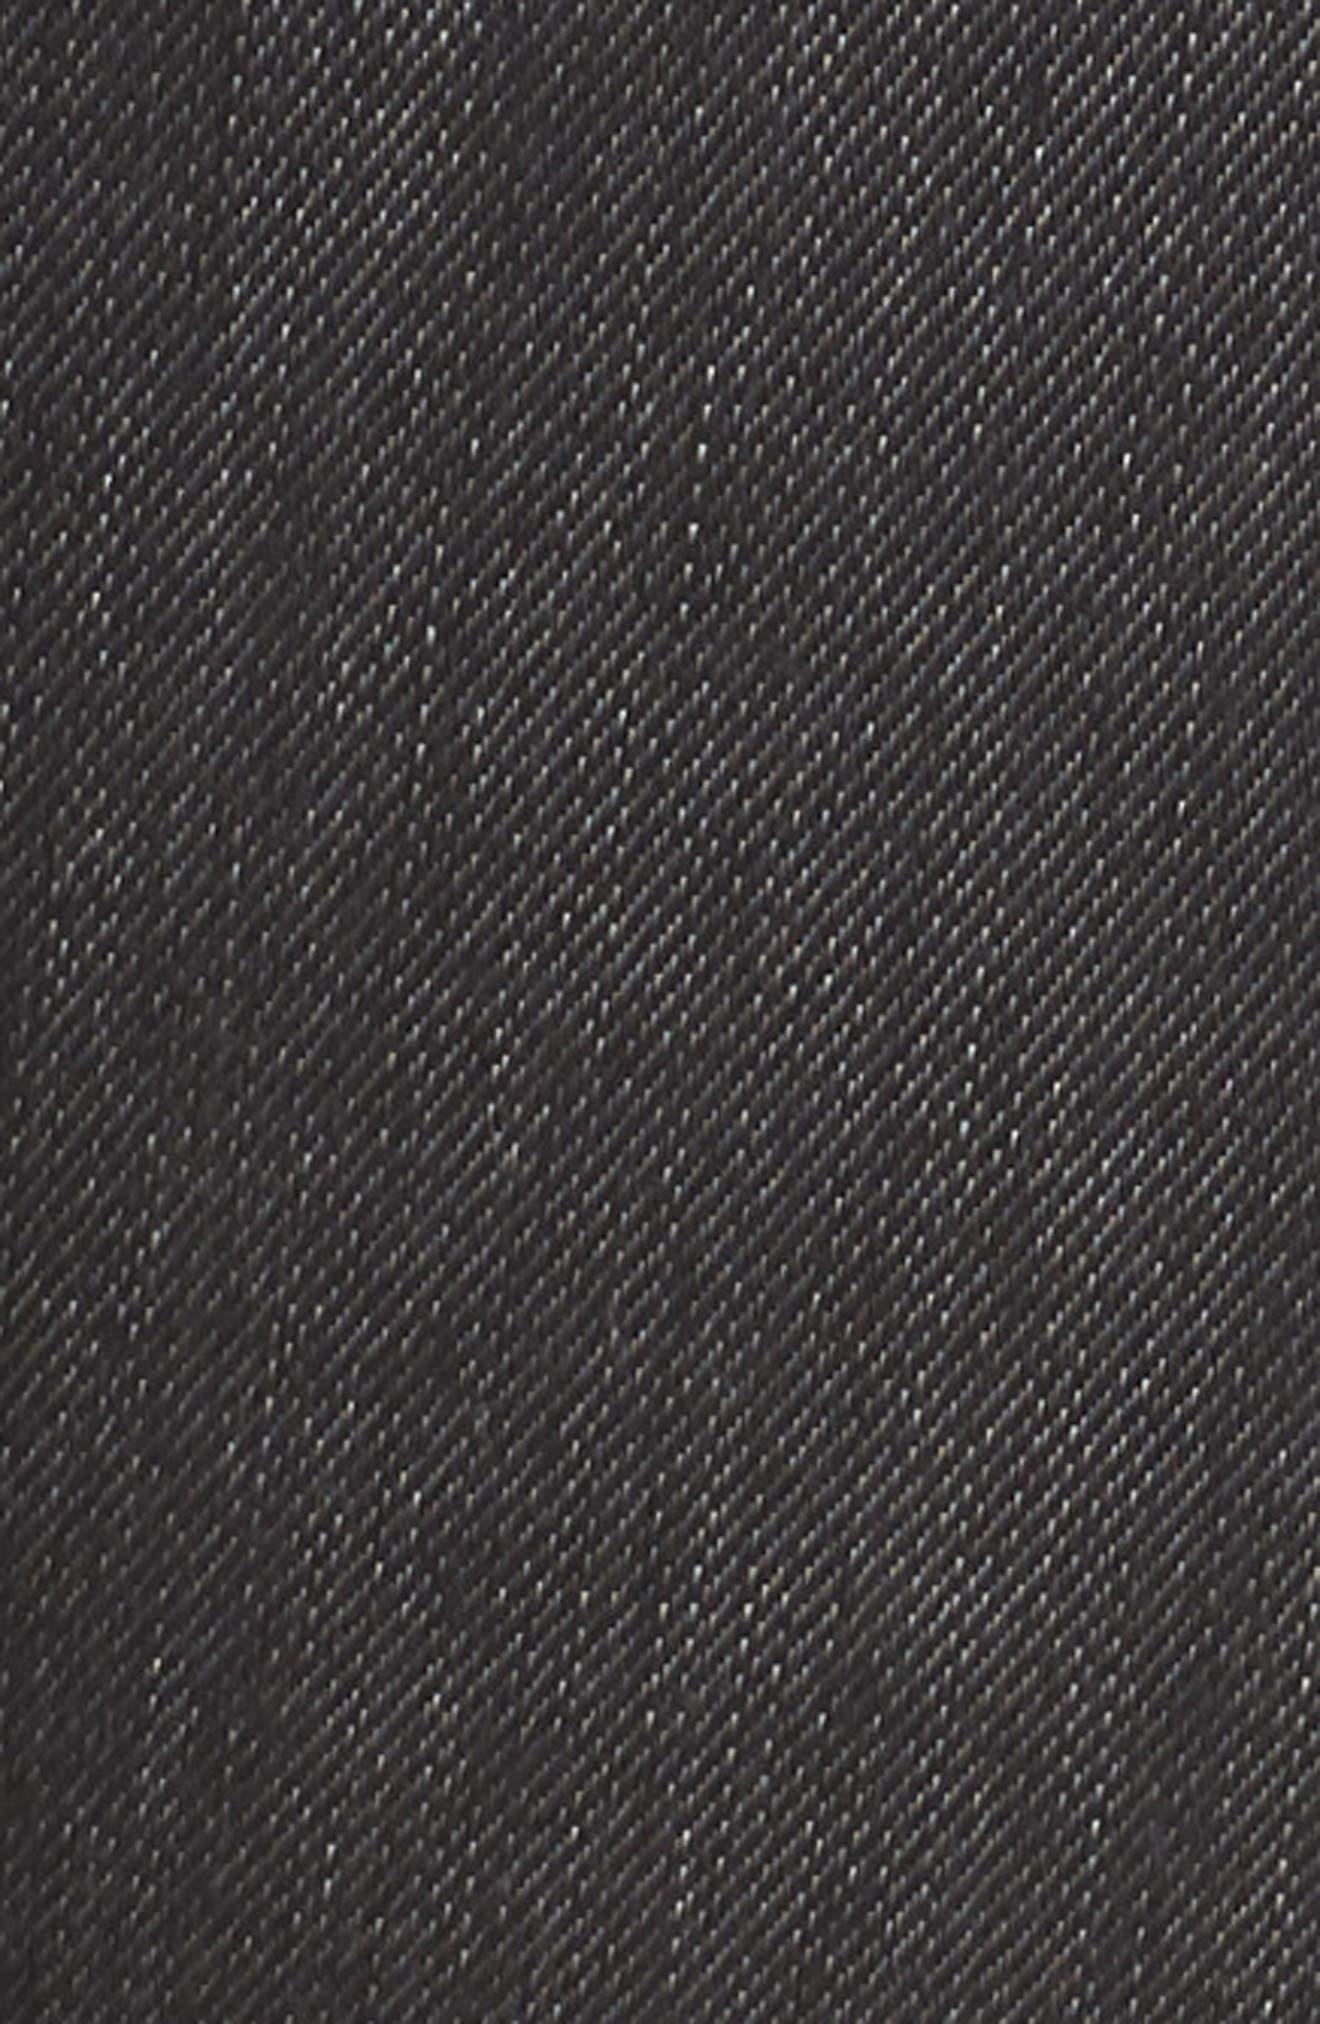 Grommet Slit Hem Ankle Skinny Jeans,                             Alternate thumbnail 6, color,                             Black